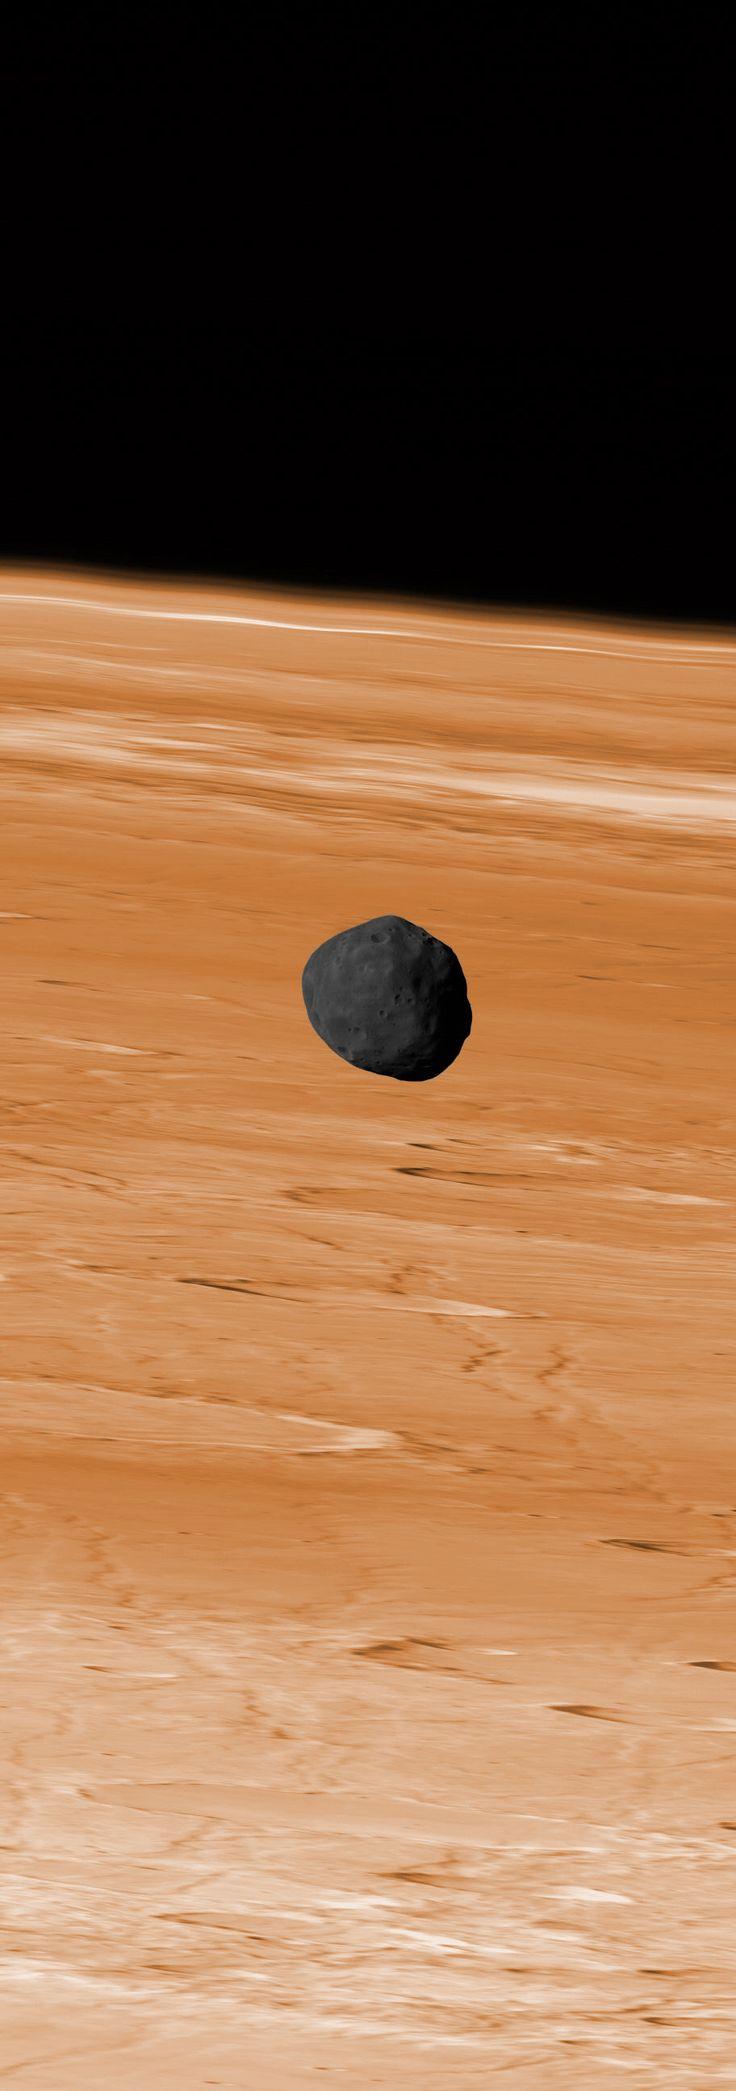 Phobos, luna de Marte.                                                                                                                                                                                 Más